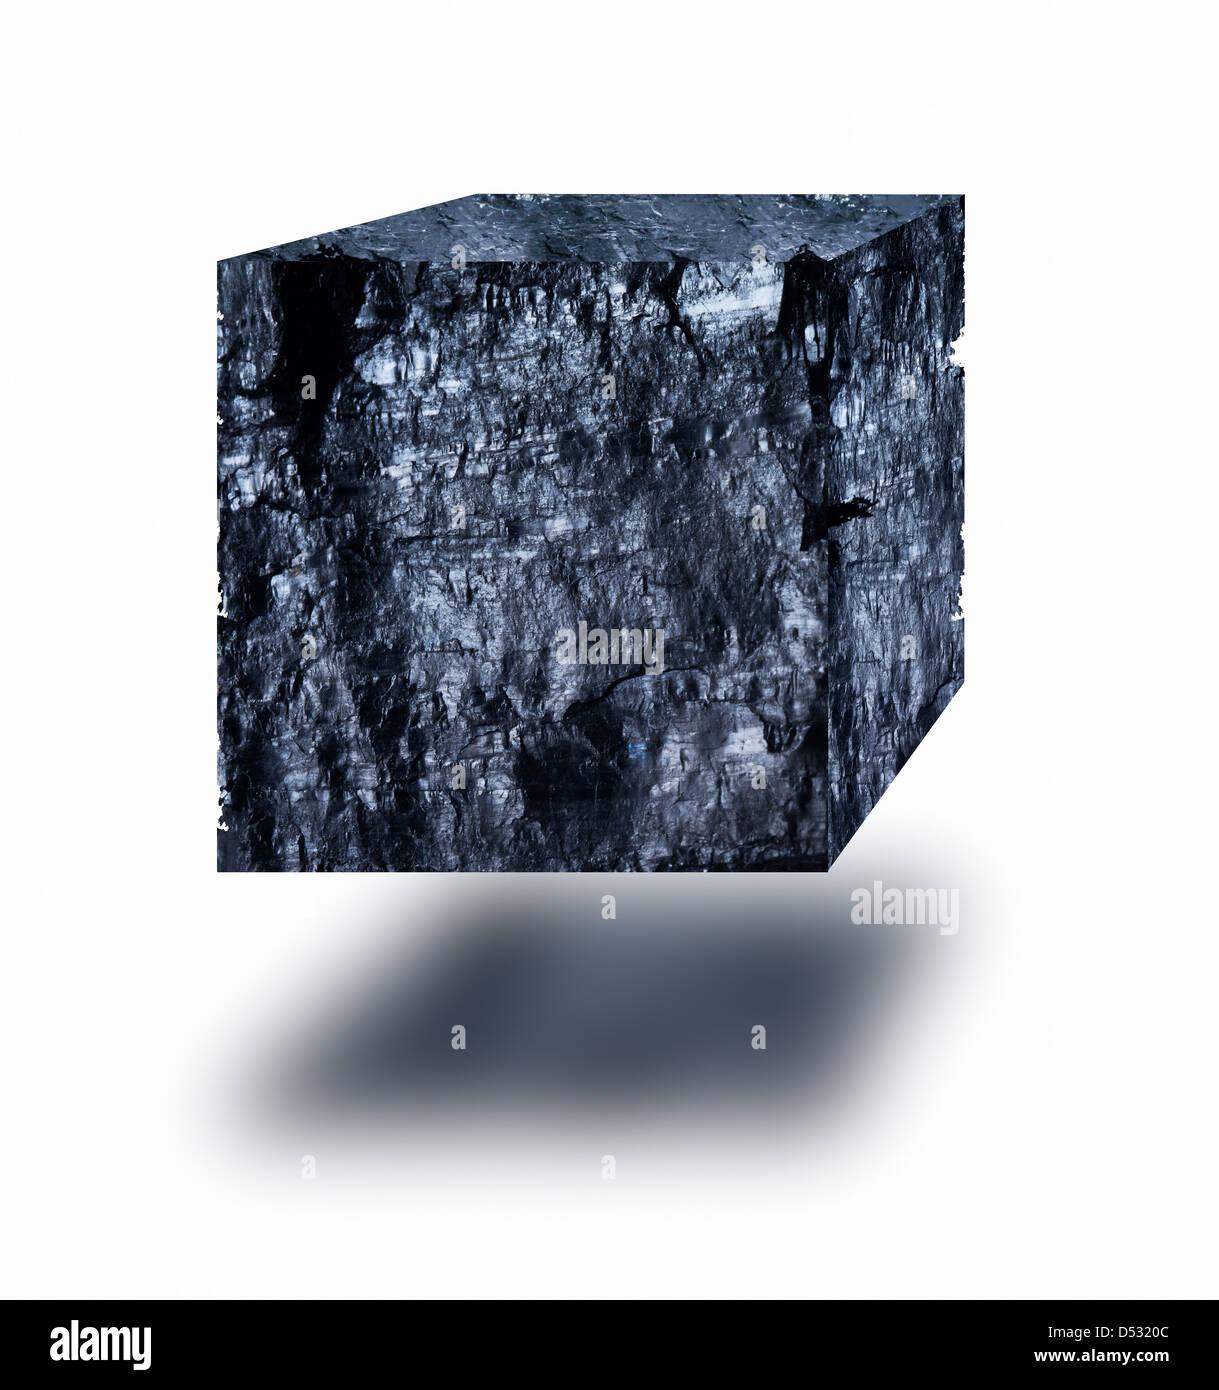 Cubo di carbone galleggianti in aria su sfondo bianco Immagini Stock